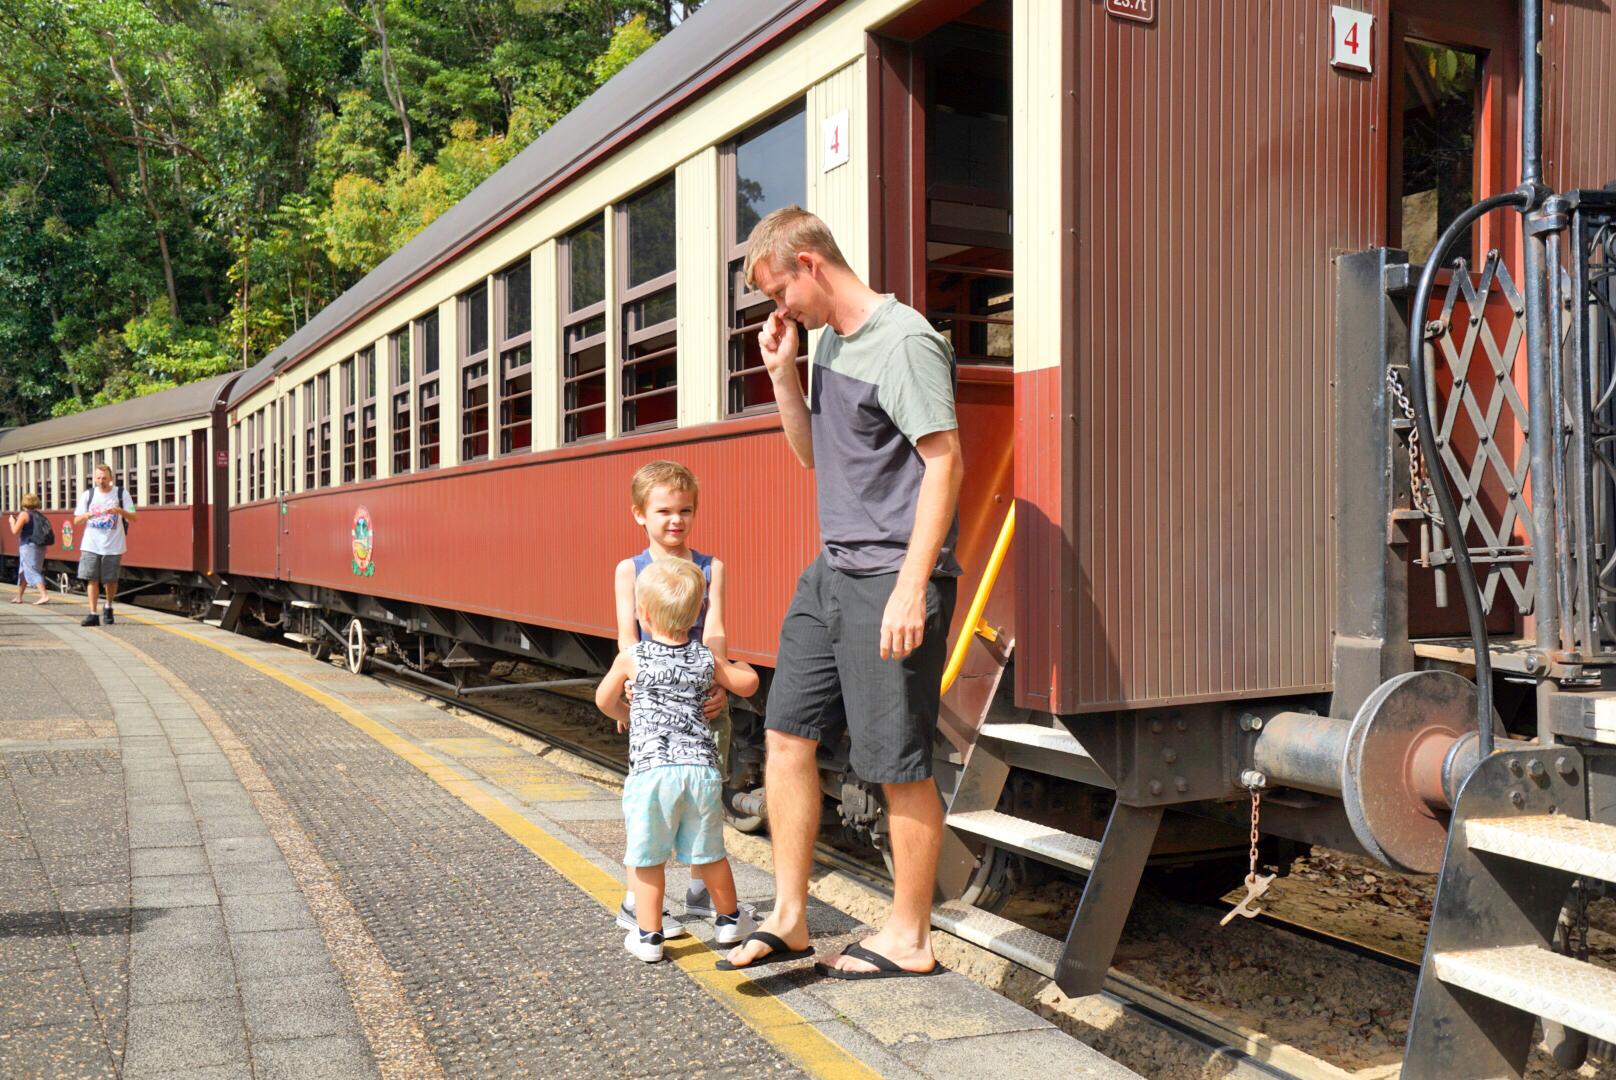 坐上复古的小火车,到热带雨林中寻觅亿万年的罕见生物